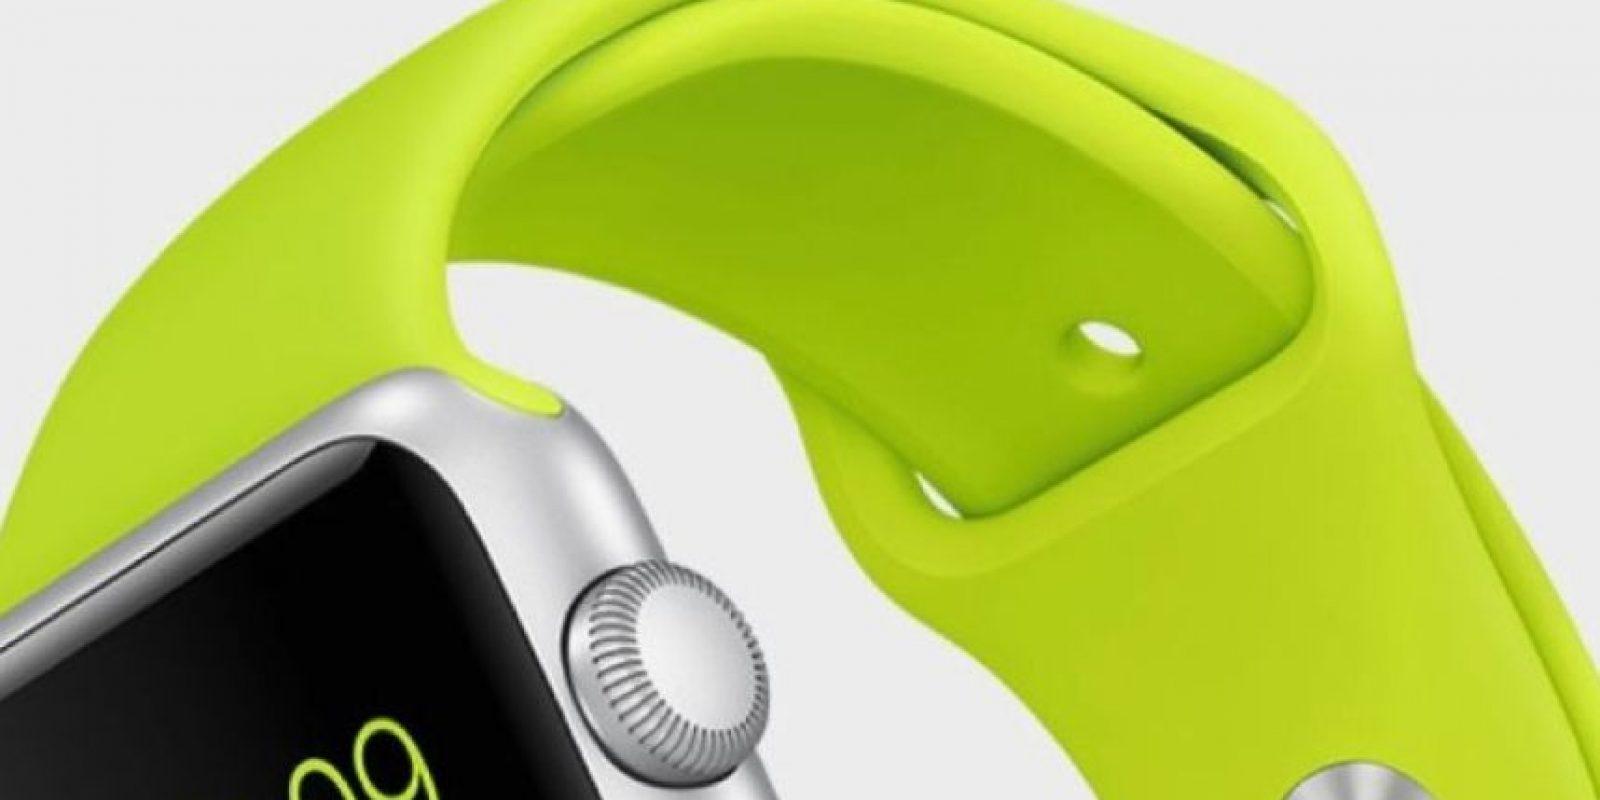 La versión básica tendrá un precio de 349 dólares. Foto:Apple